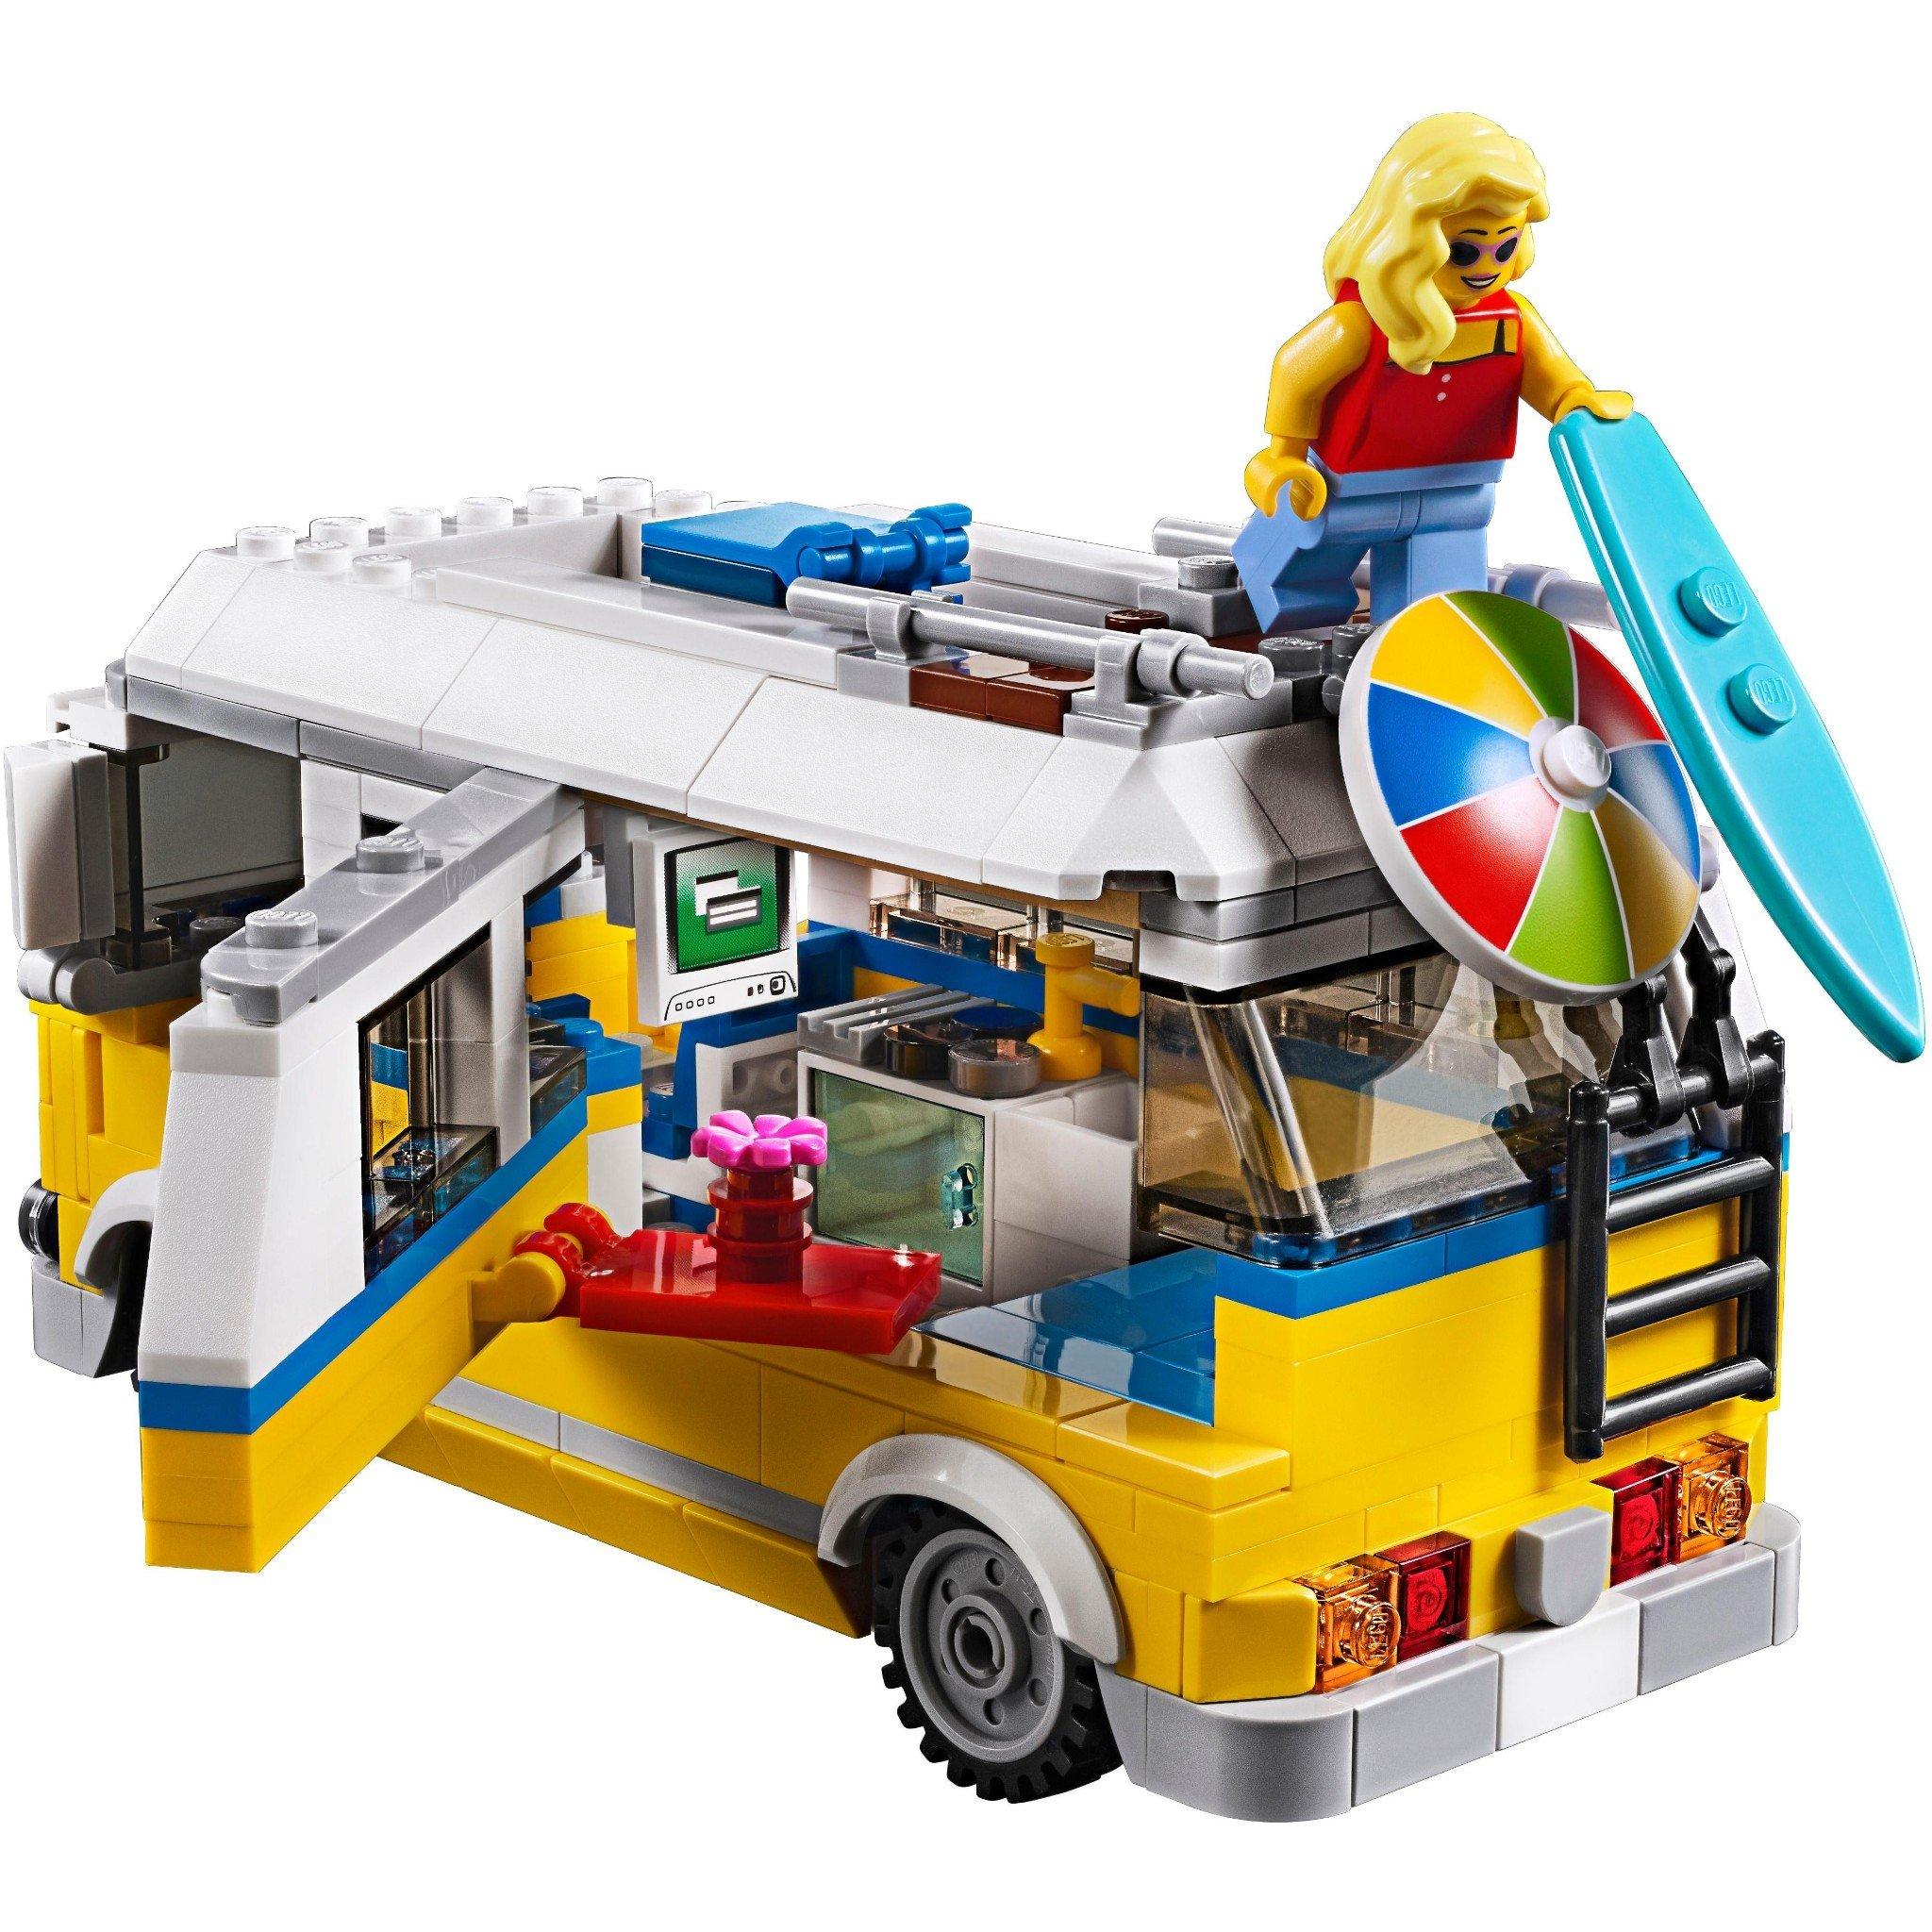 LEGO - Xe Cắm Trại Bải Biển - 31079